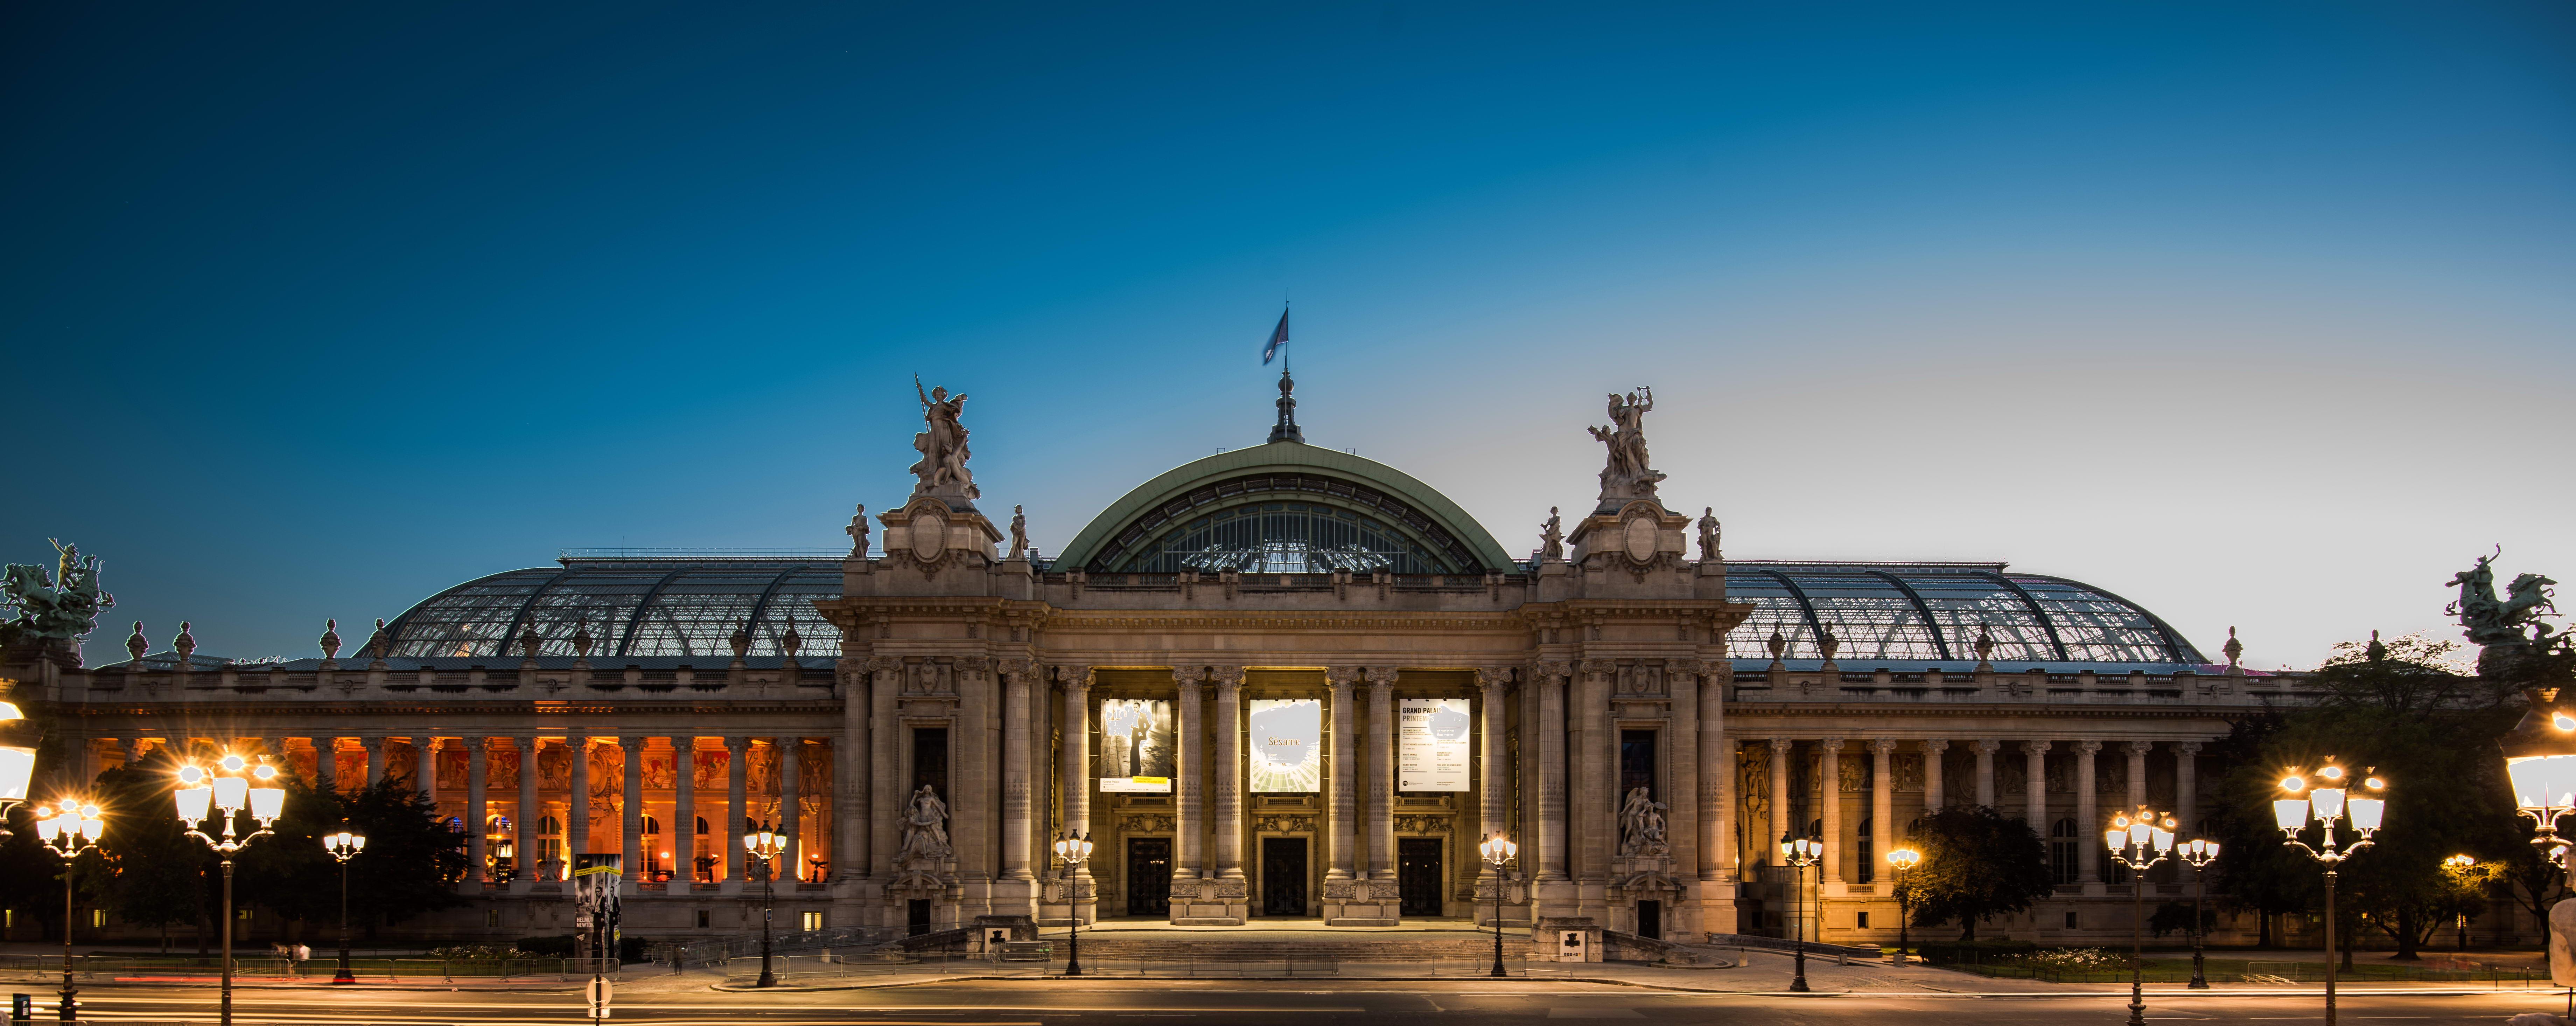 Les expos du grand palais c 39 est aussi en nocturne rmn grand palais - Expo le grand palais ...